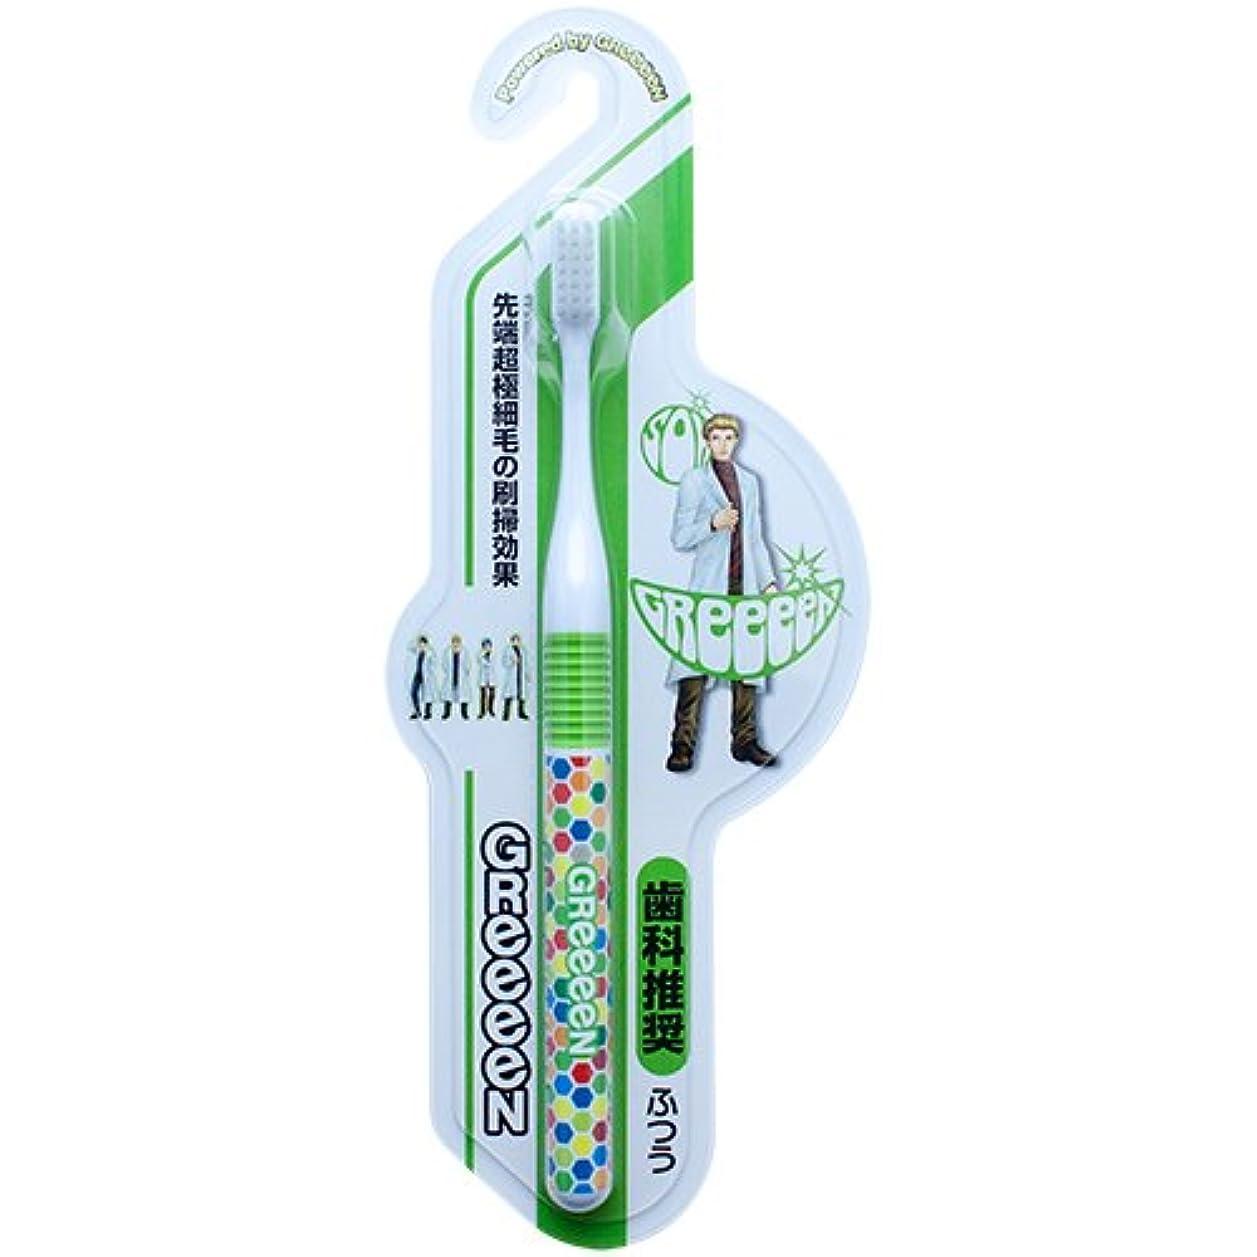 注目すべき補助スクワイアGReeeeN 3列ヘッドラバーグリップ超極細毛歯ブラシ SIRO SOH 1本